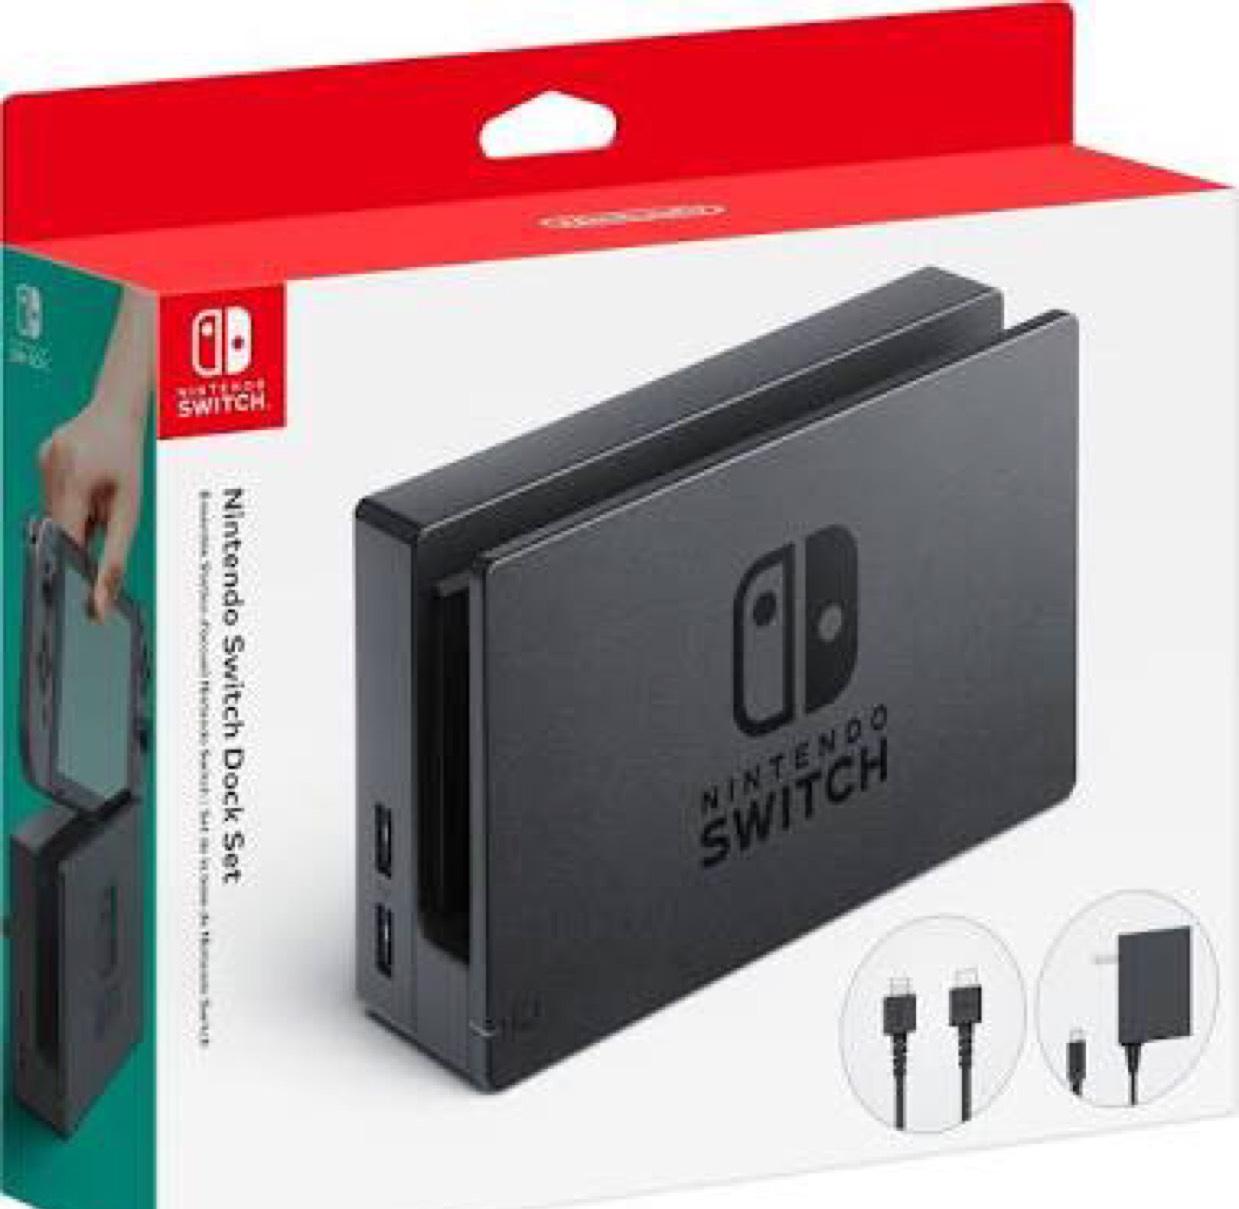 Privalia: Nintendo Switch Dock con PayPal